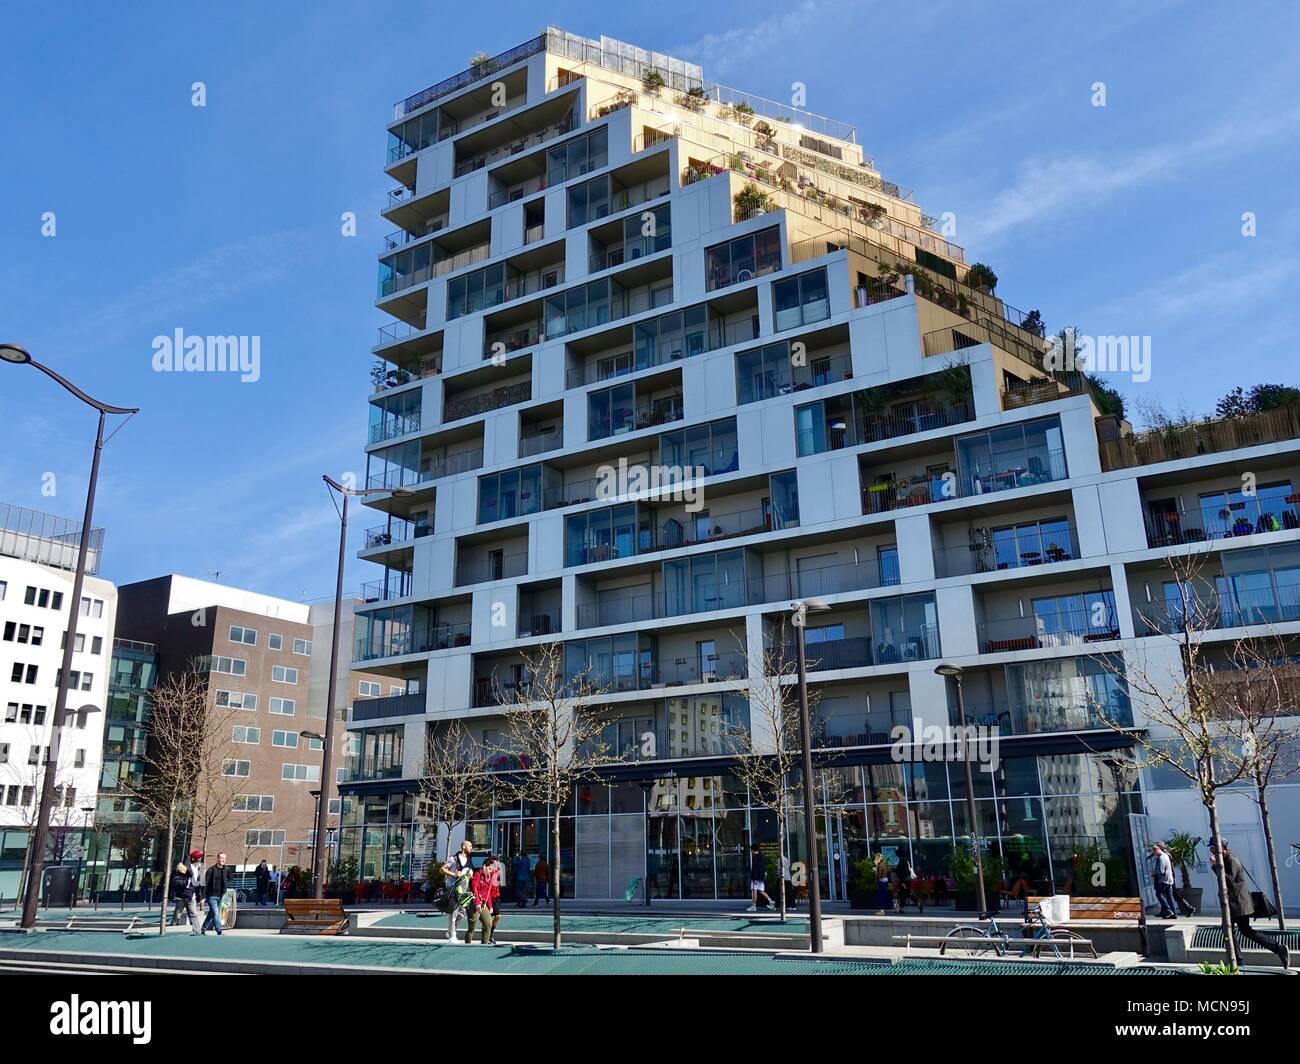 La gente paseando en un moderno edificio en el distrito 13, la parte sureste de la ciudad, París, Francia. Imagen De Stock